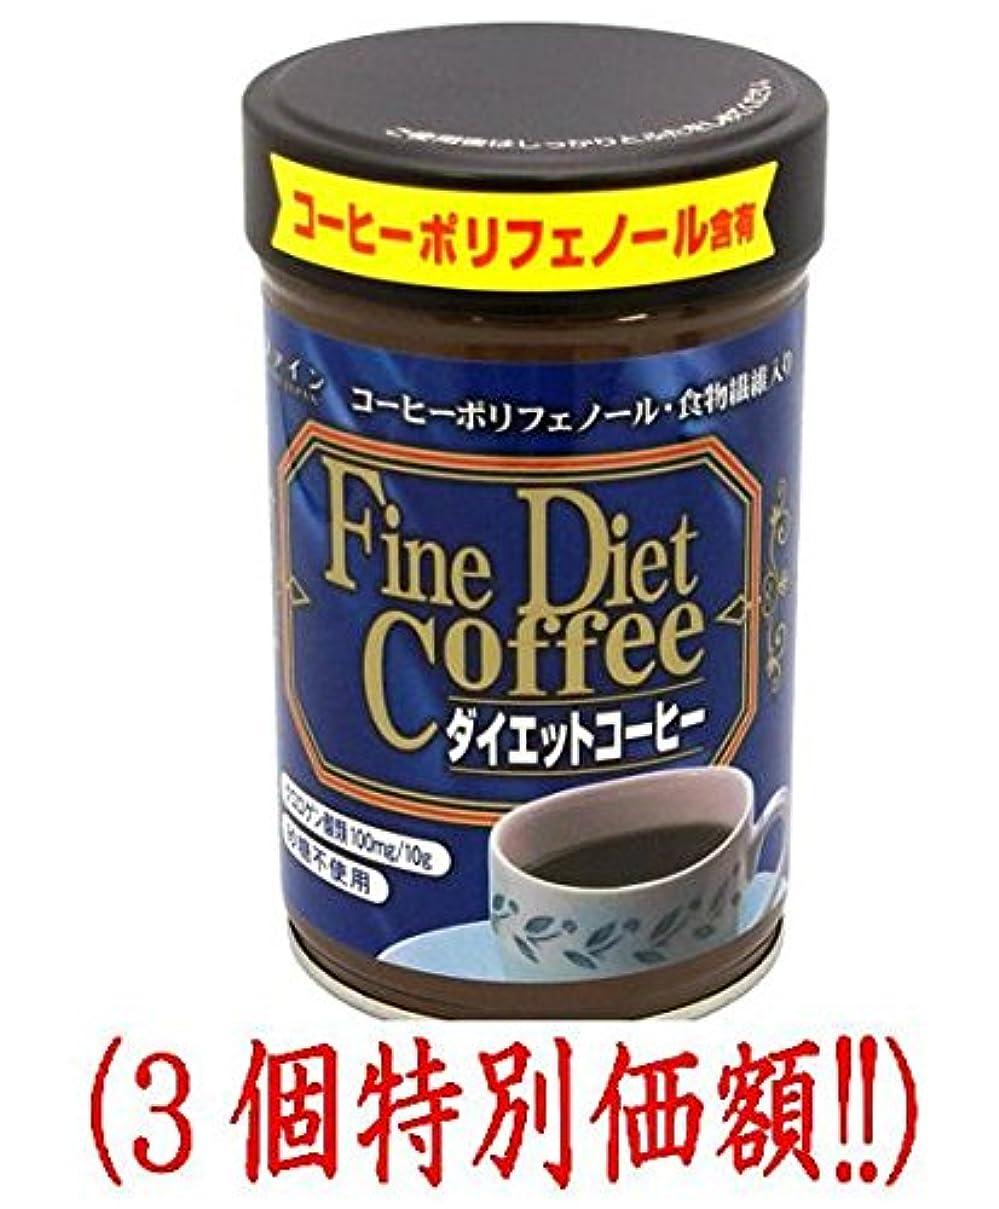 欲求不満移動輝度ファイン ダイエットコーヒー【3本セット】